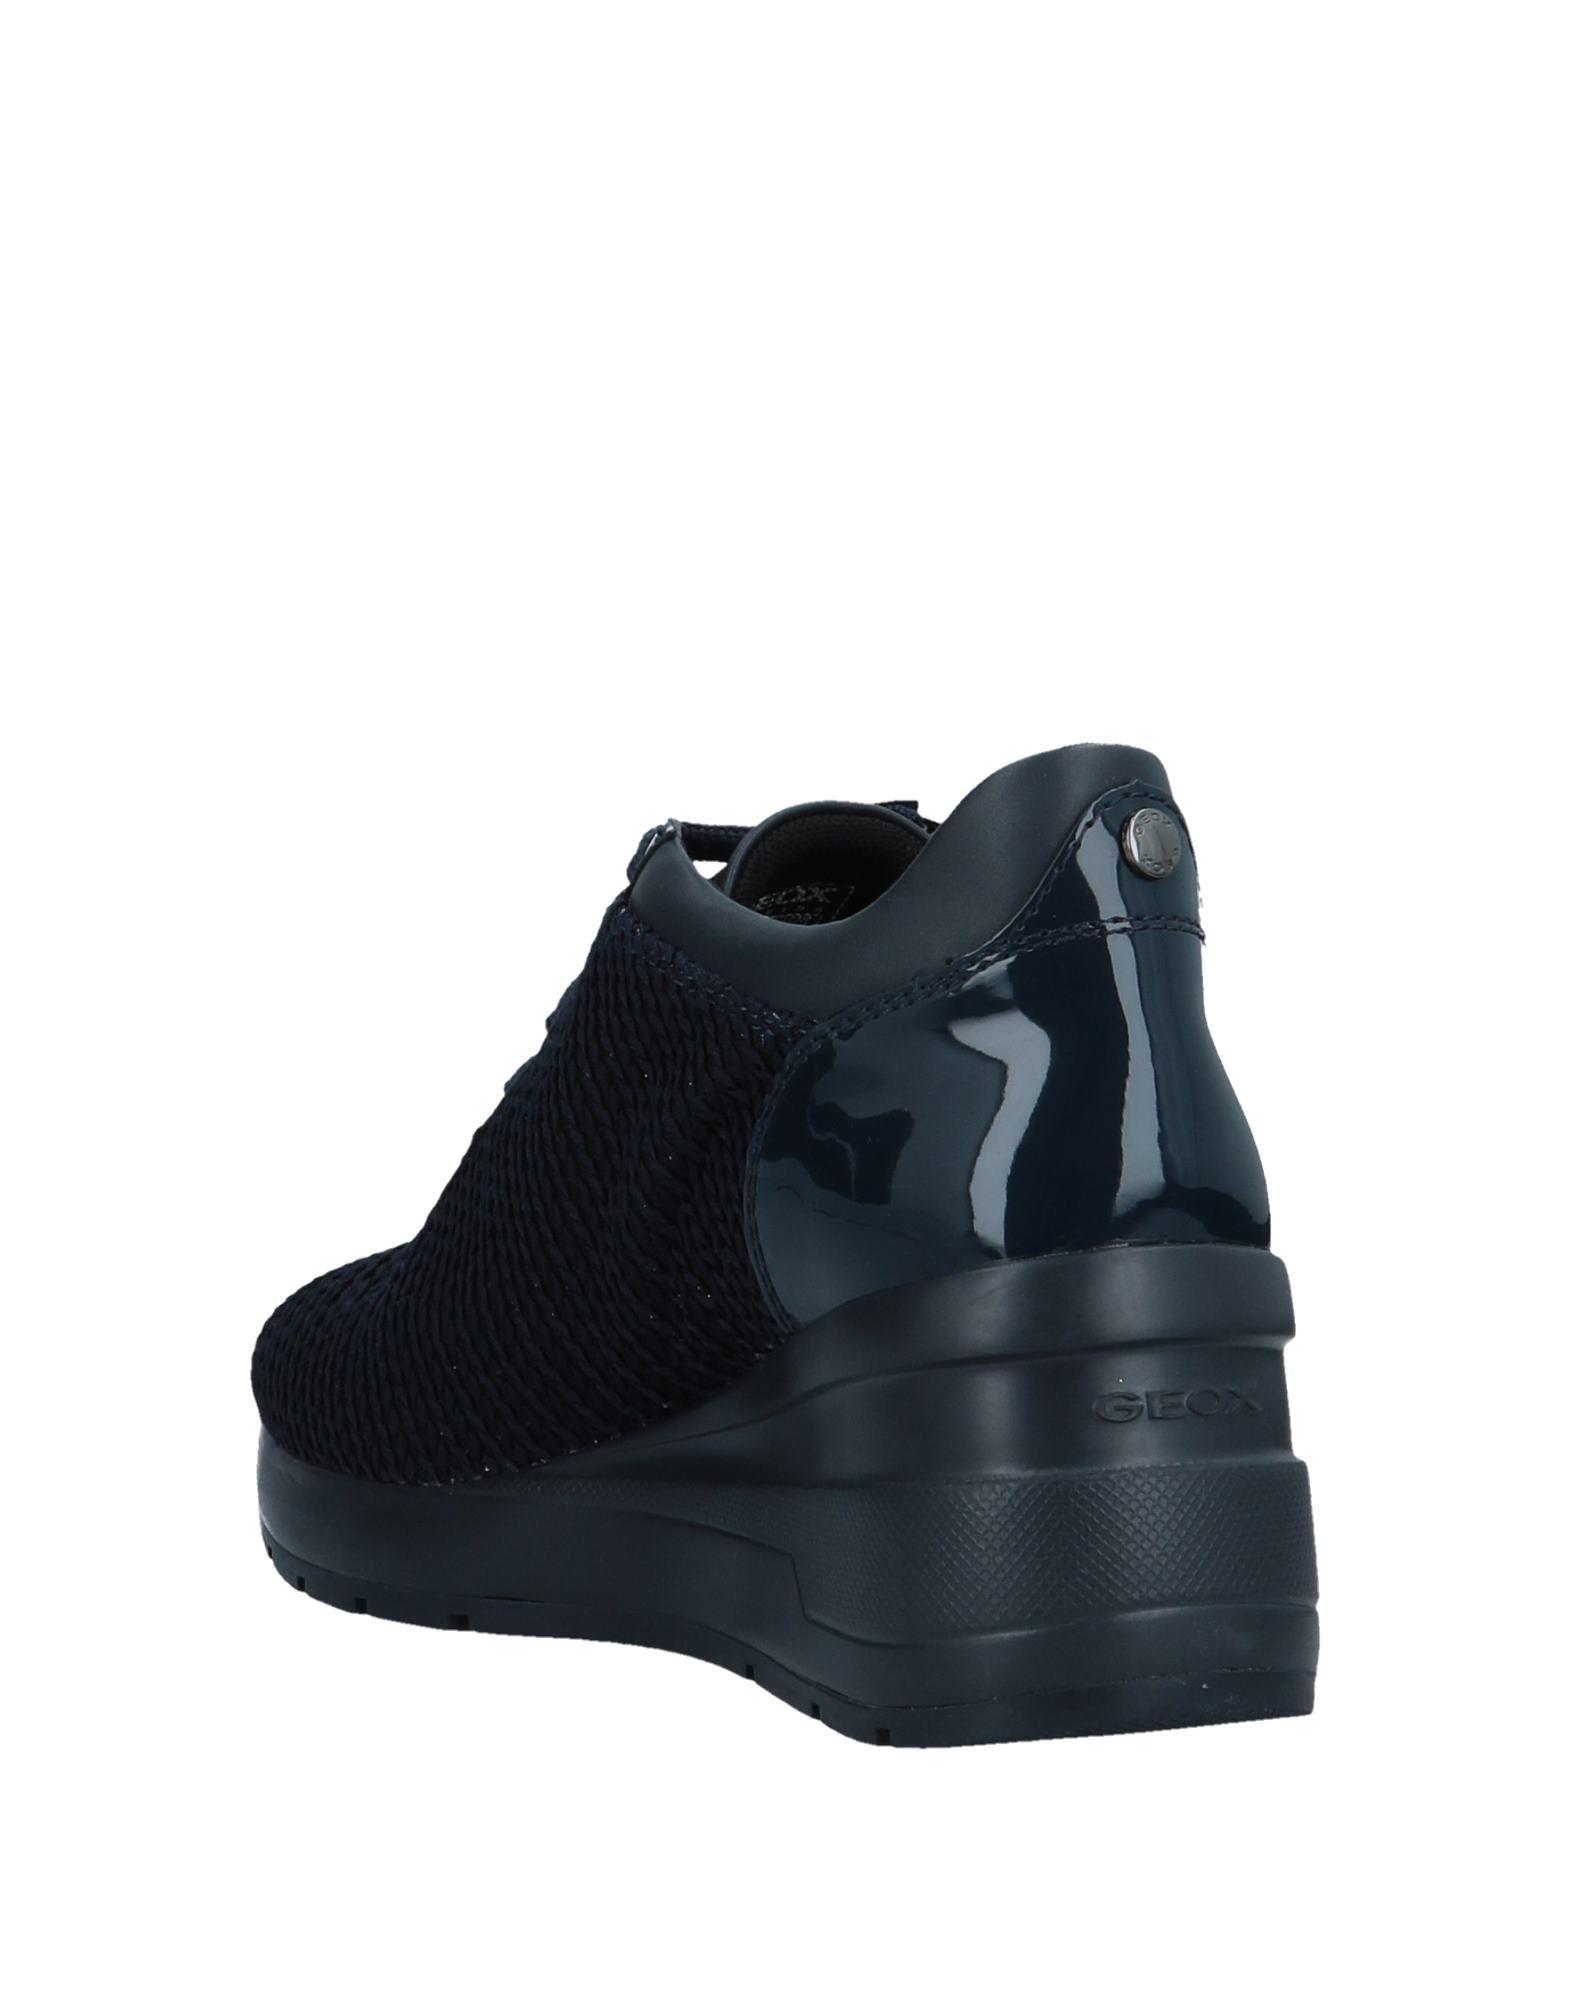 Geox Sneakers Damen  11564667XK 11564667XK  ca3422